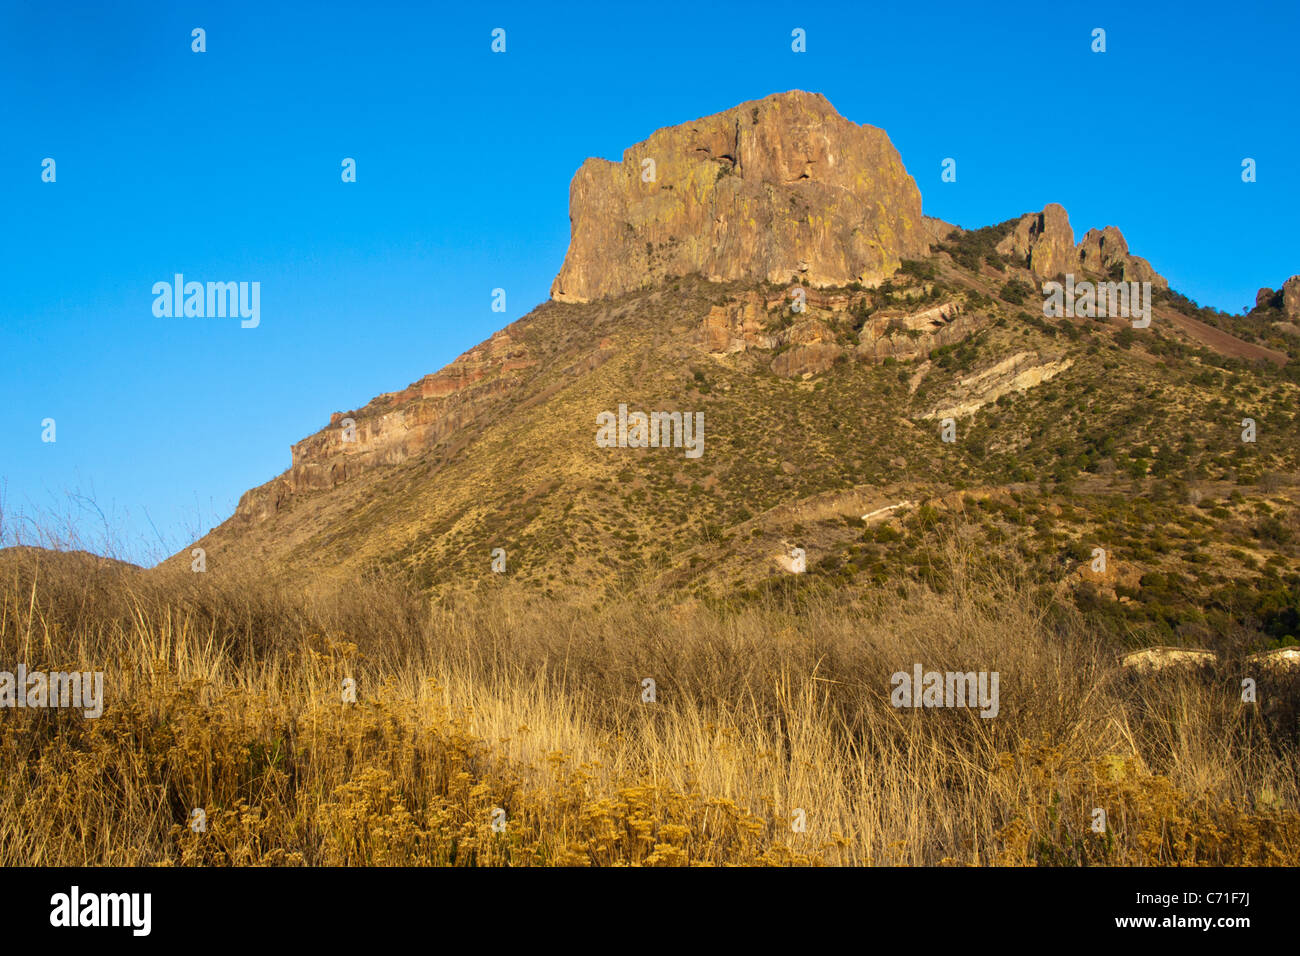 La lumière dorée du soleil couchant sur l'herbe dans le pré près de 'La fenêtre' dans les montagnes Chiso à Big Bend National Park, Texas. Banque D'Images